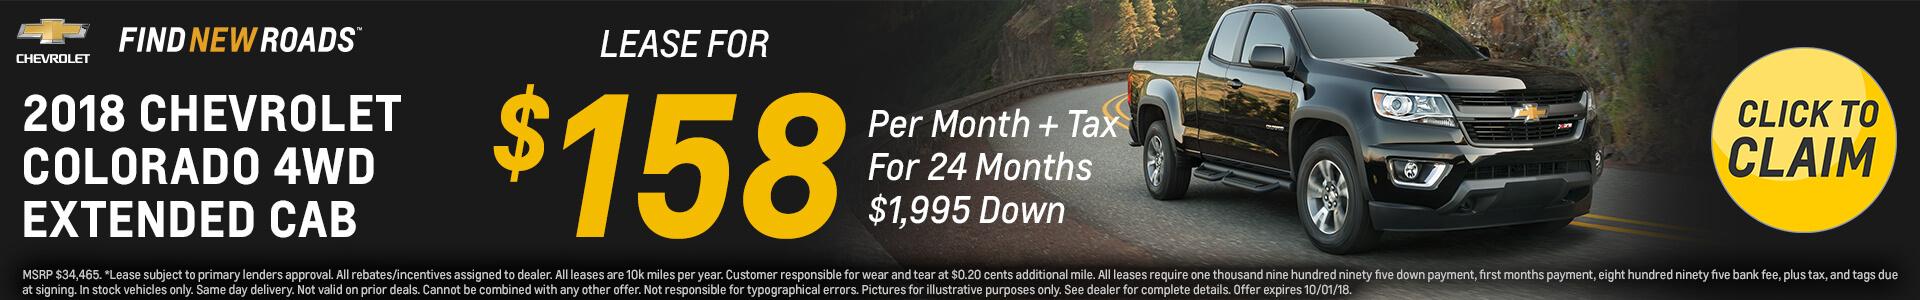 Chevrolet Colorado $158 Lease